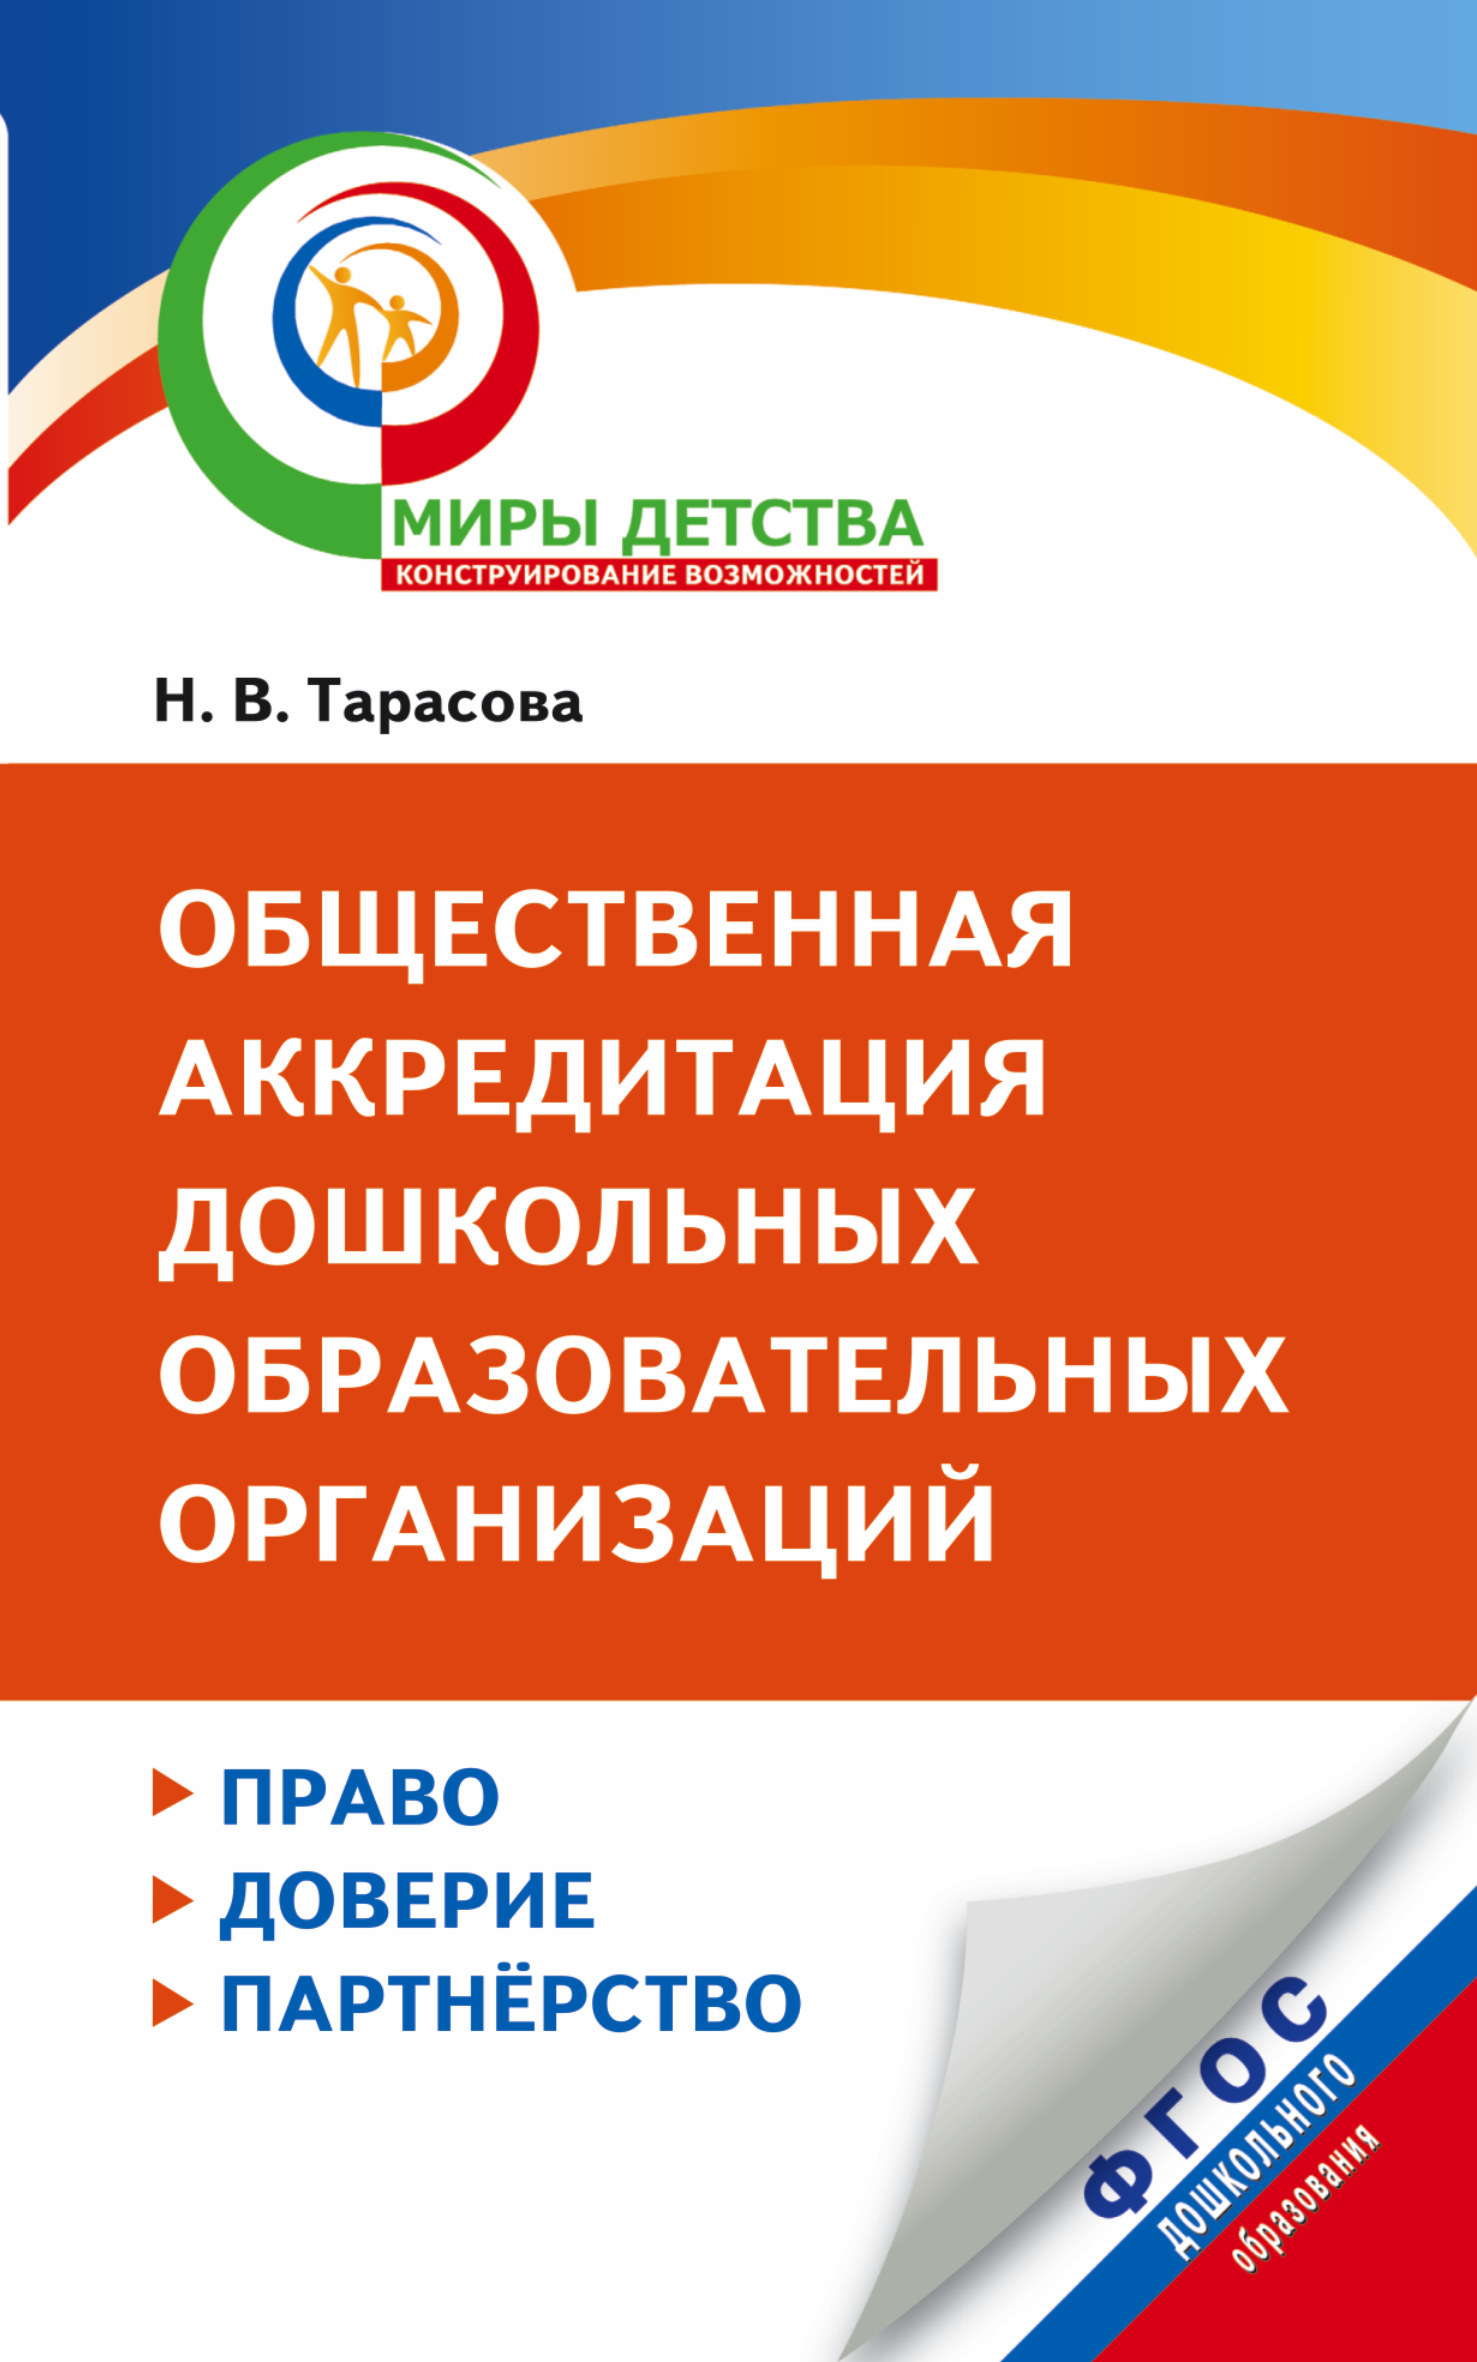 Общественная аккредитация дошкольных образовательных организаций: право, доверие, партнерство. Методические рекомендации по разработке процедуры проведения